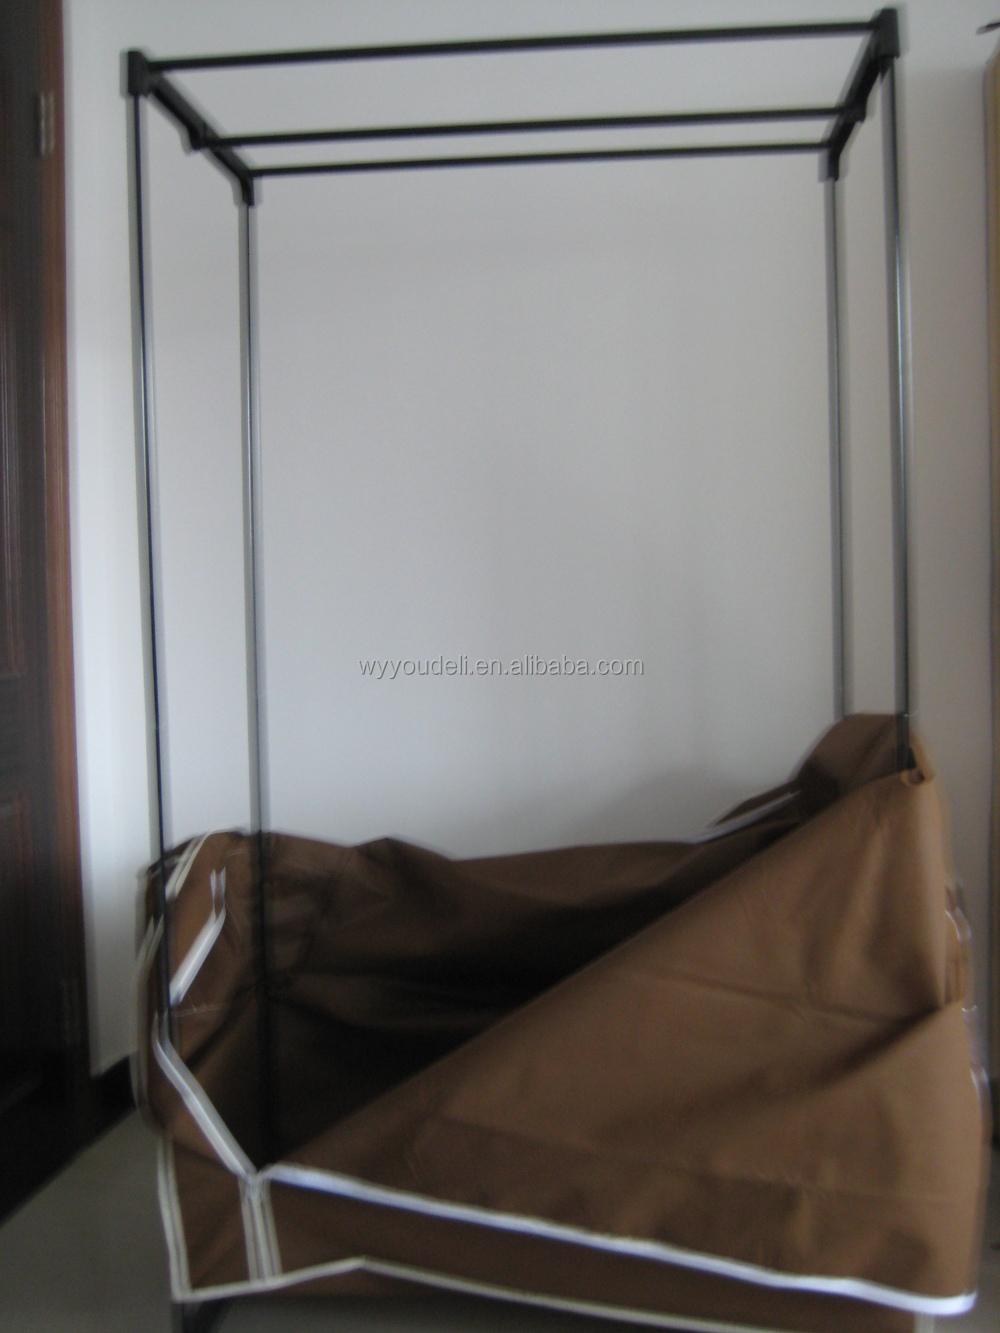 Hete verkoop doek kast, 600d opvouwbare kledingkast schuifdeur ...